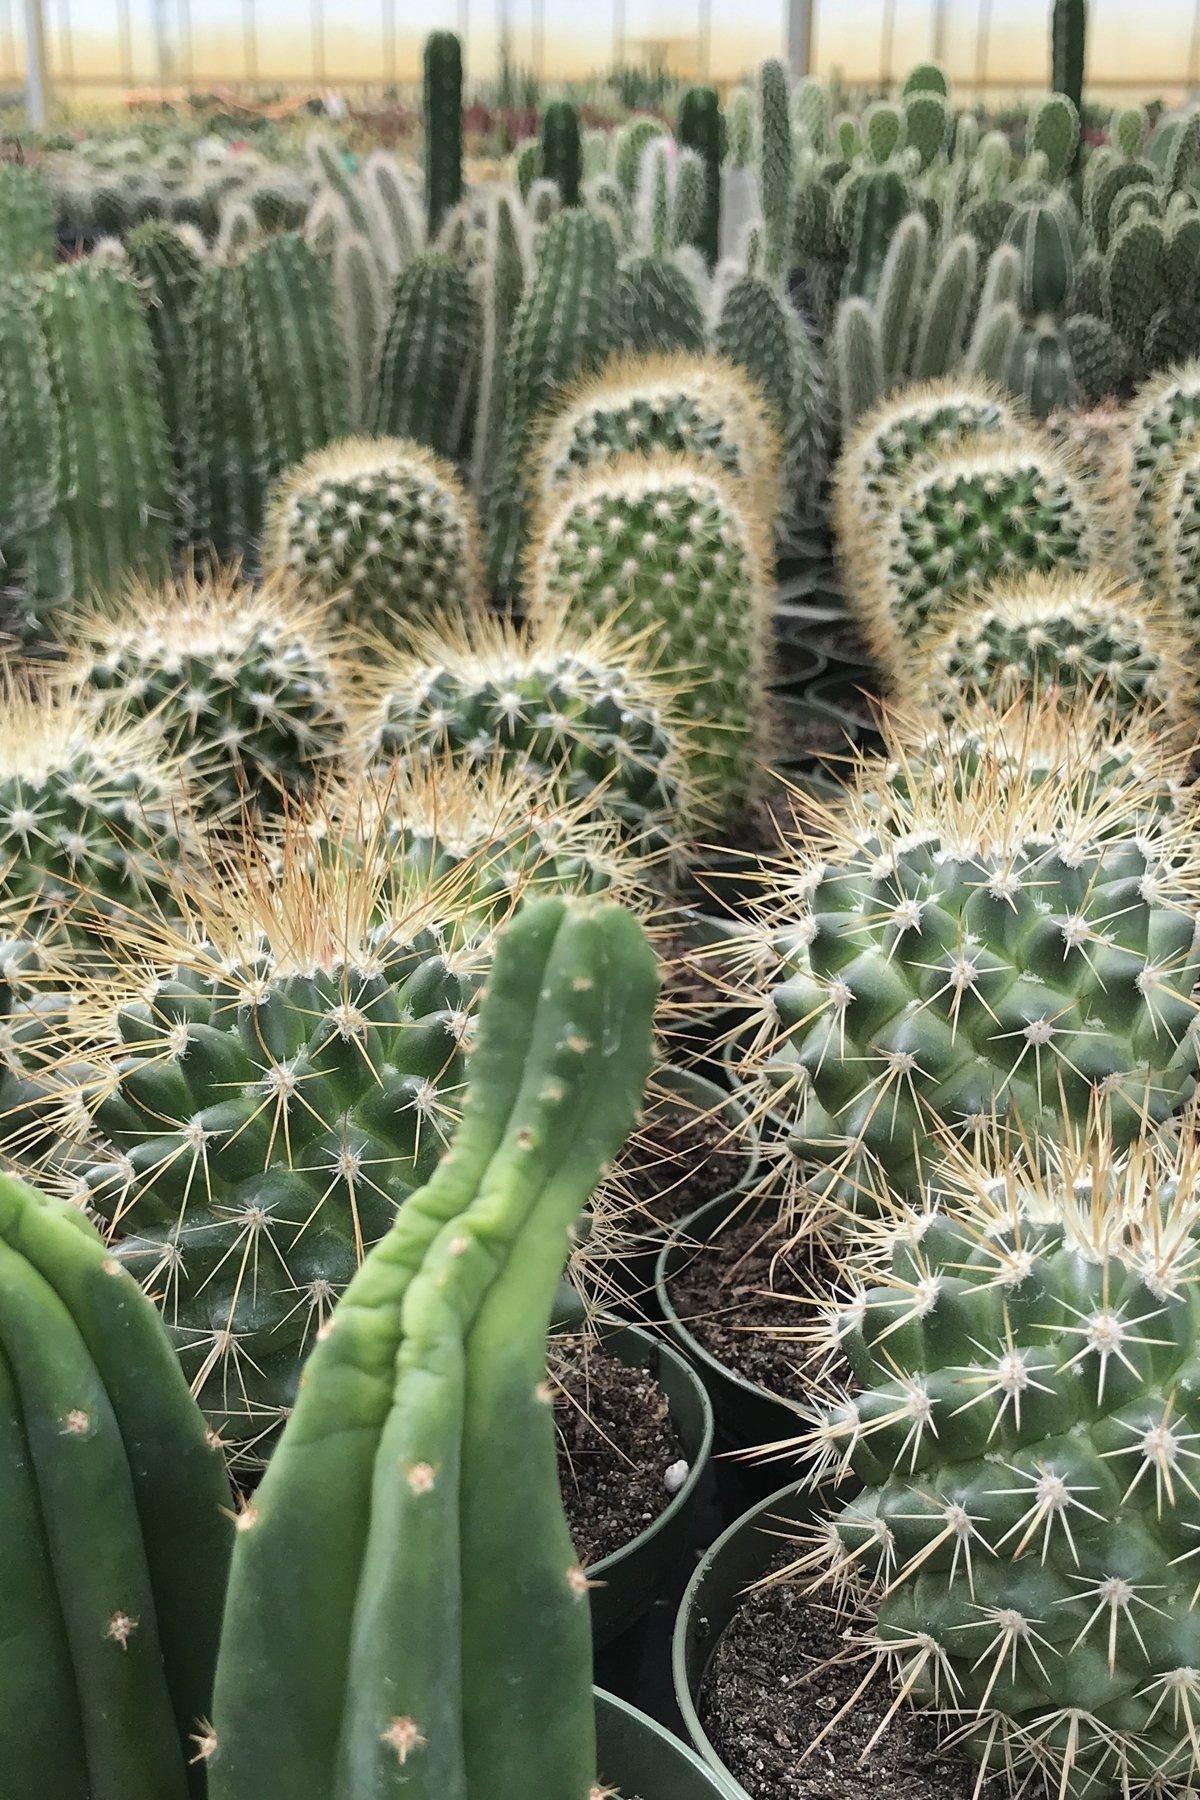 Cactus Assortment (Grower's Select)